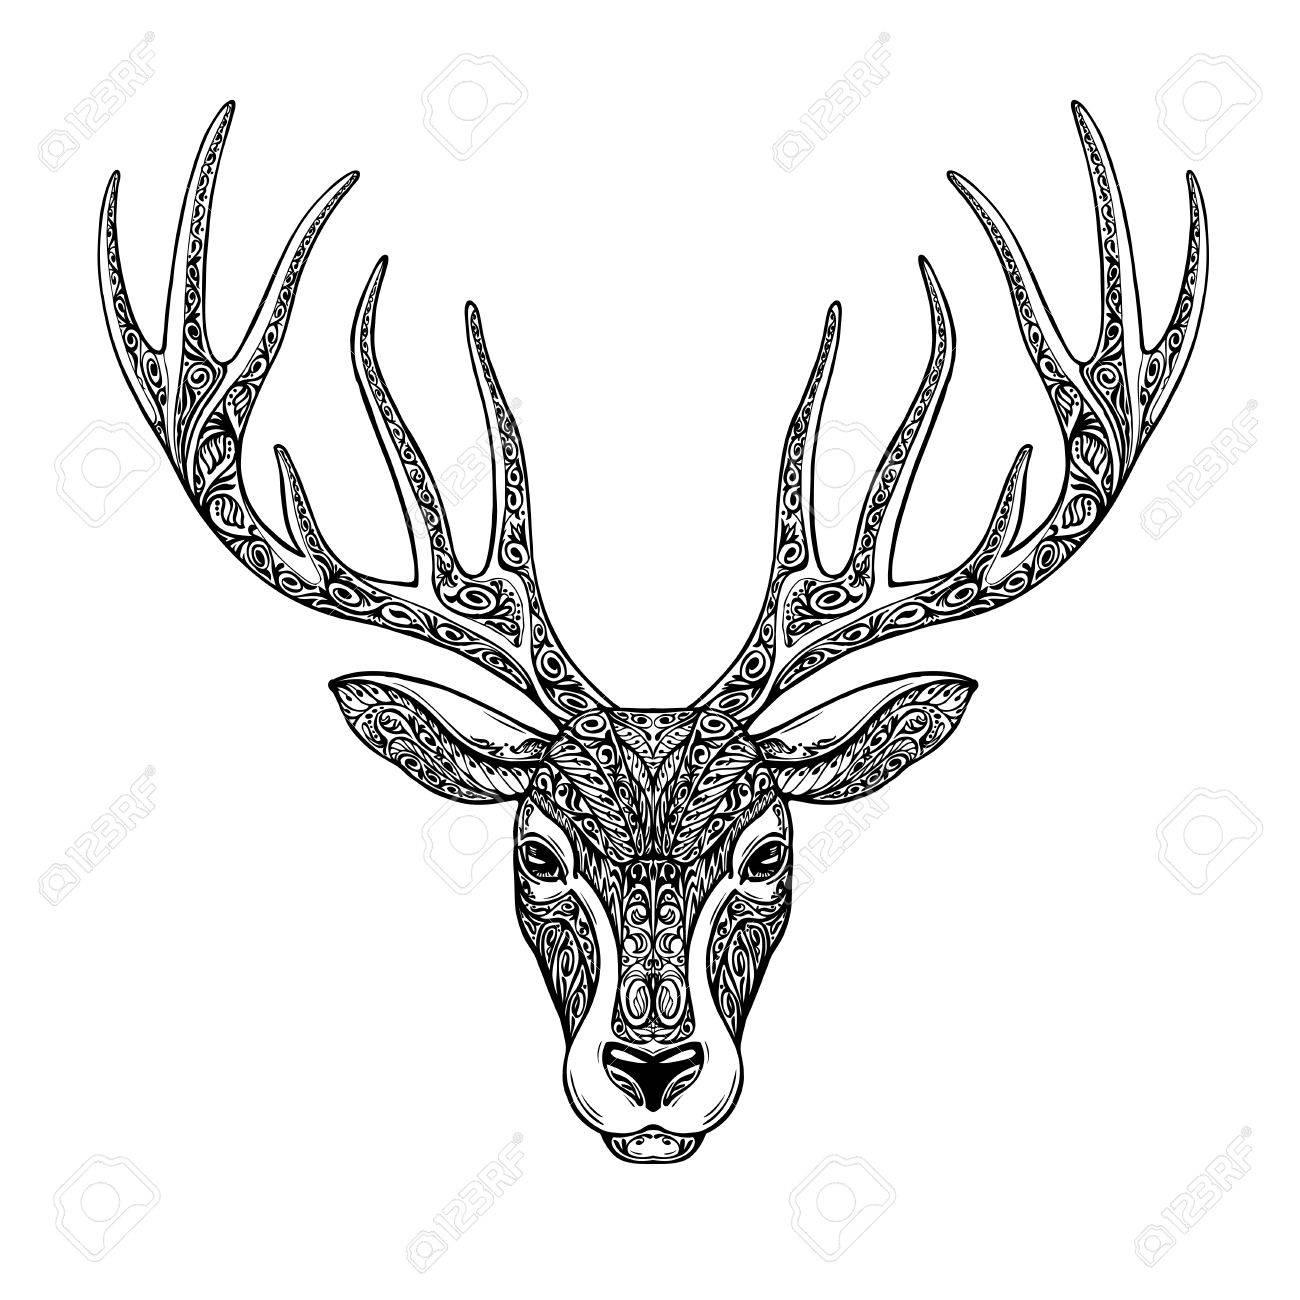 1300x1300 Hand Drawn Head Deer, Reindeer. Ethnic Patterns. Christmas, Xmas